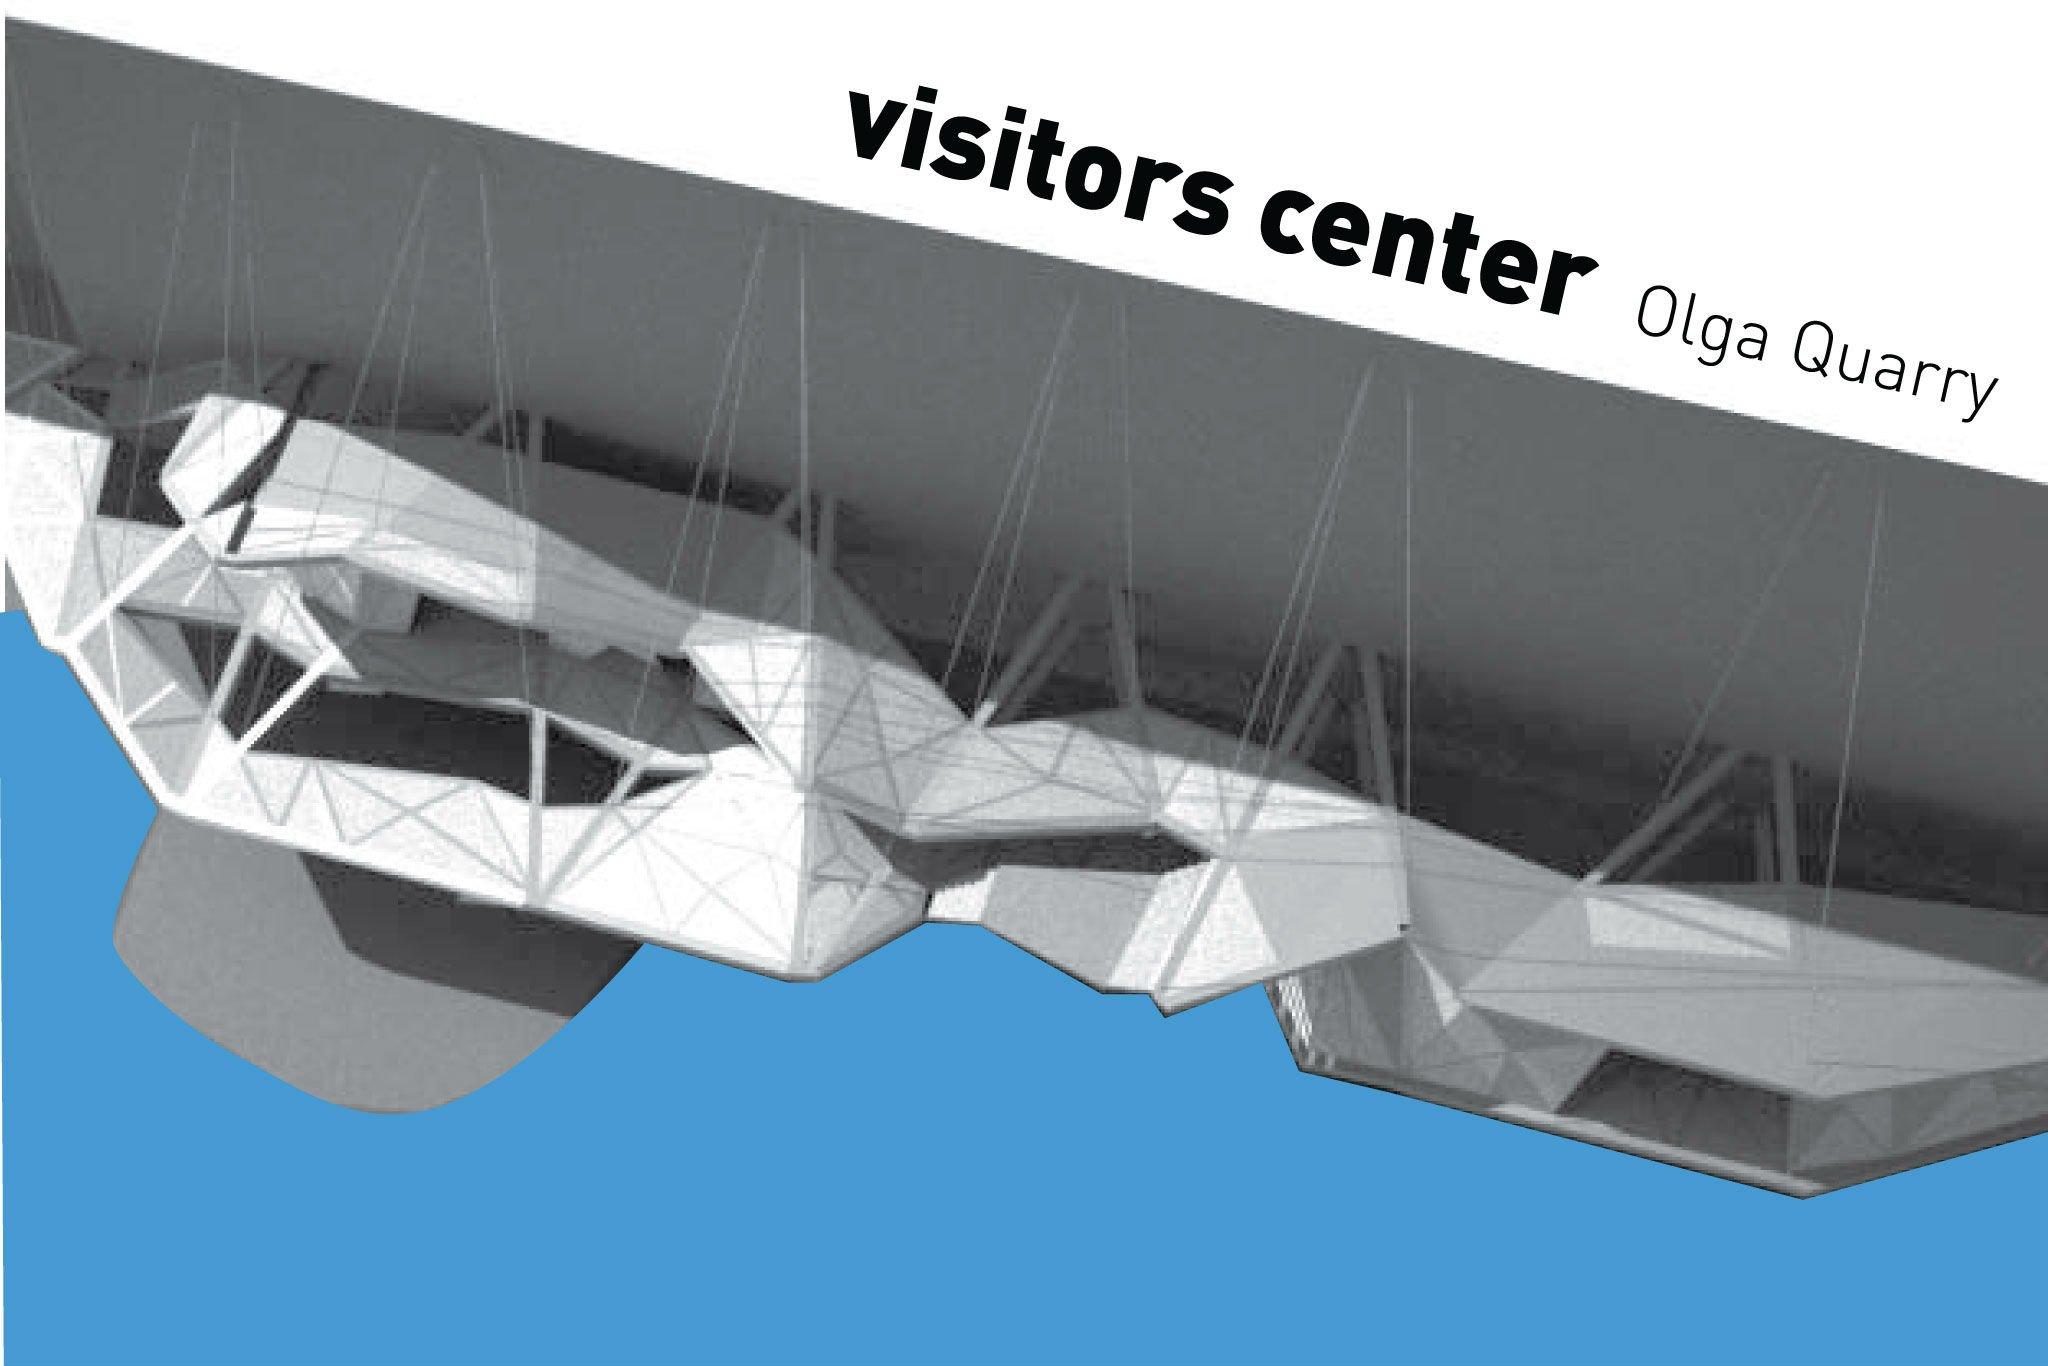 הצעה לתכנון מרכז מבקרים, מחצבת אולגה